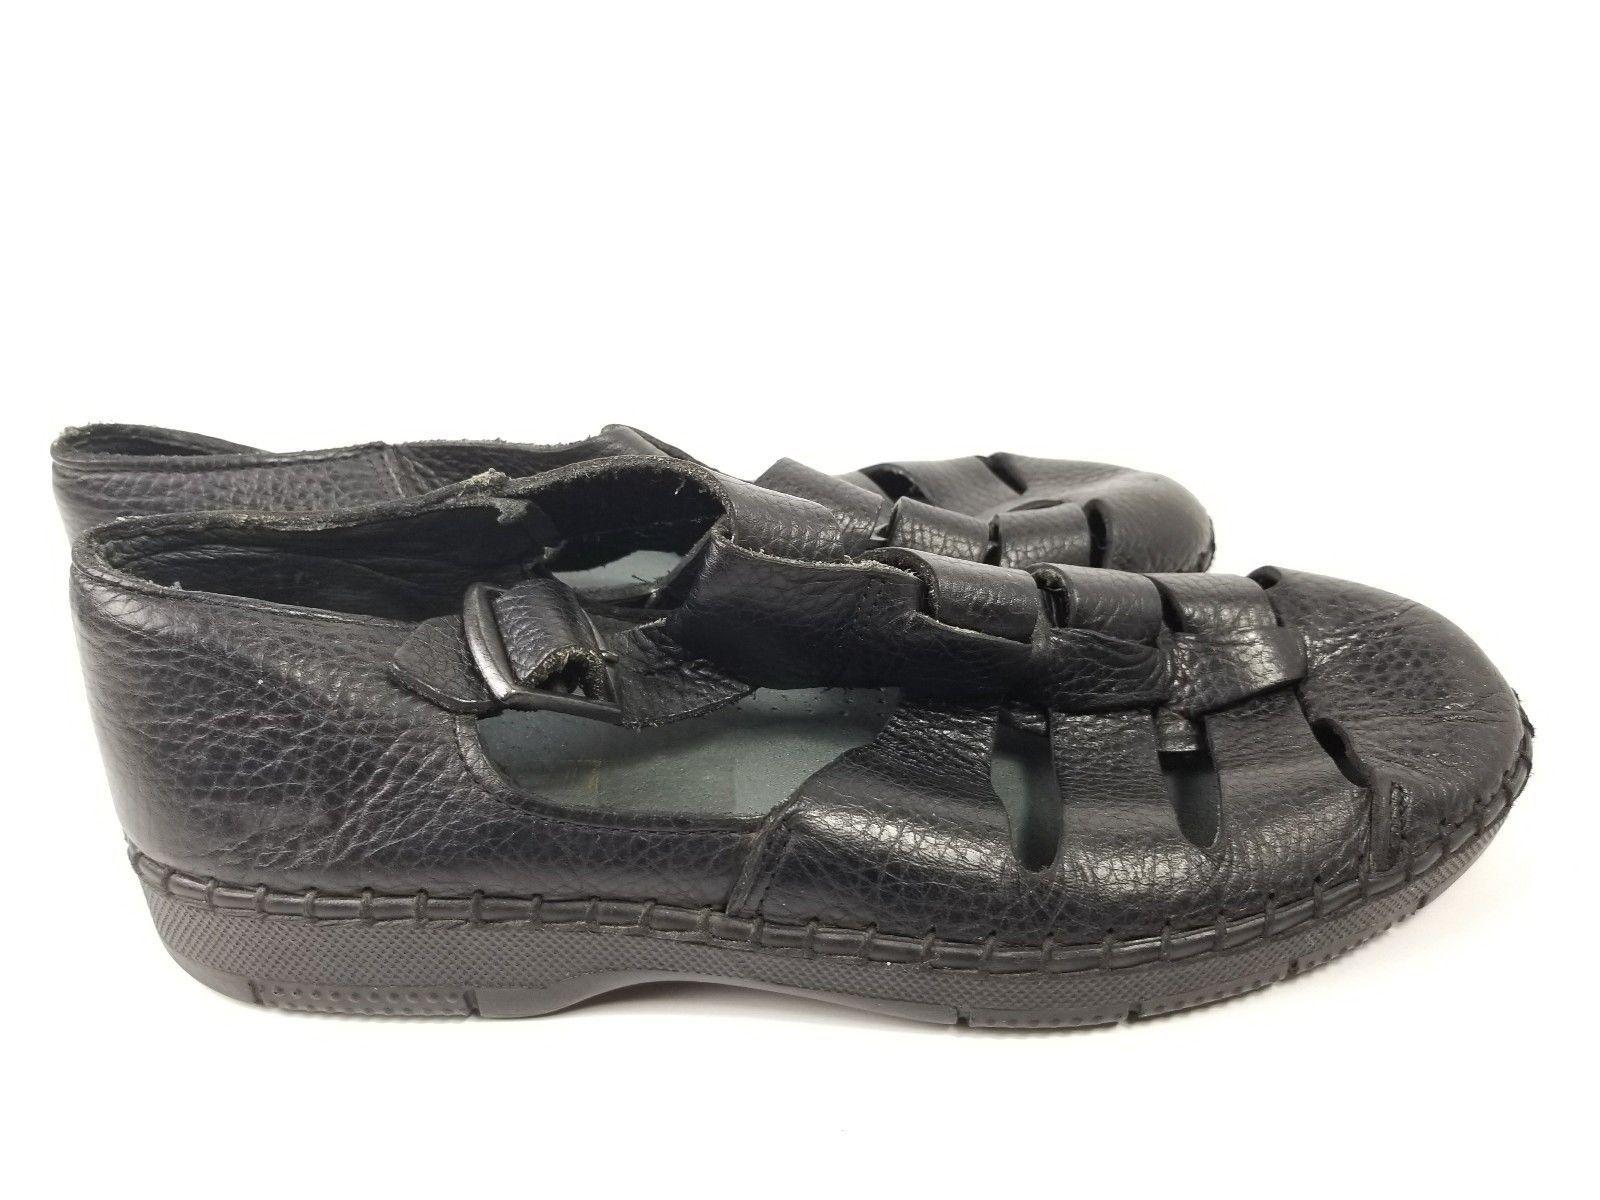 Mens Dexter Comfort DexFlex Sandals Black Size 8.5 Shoes